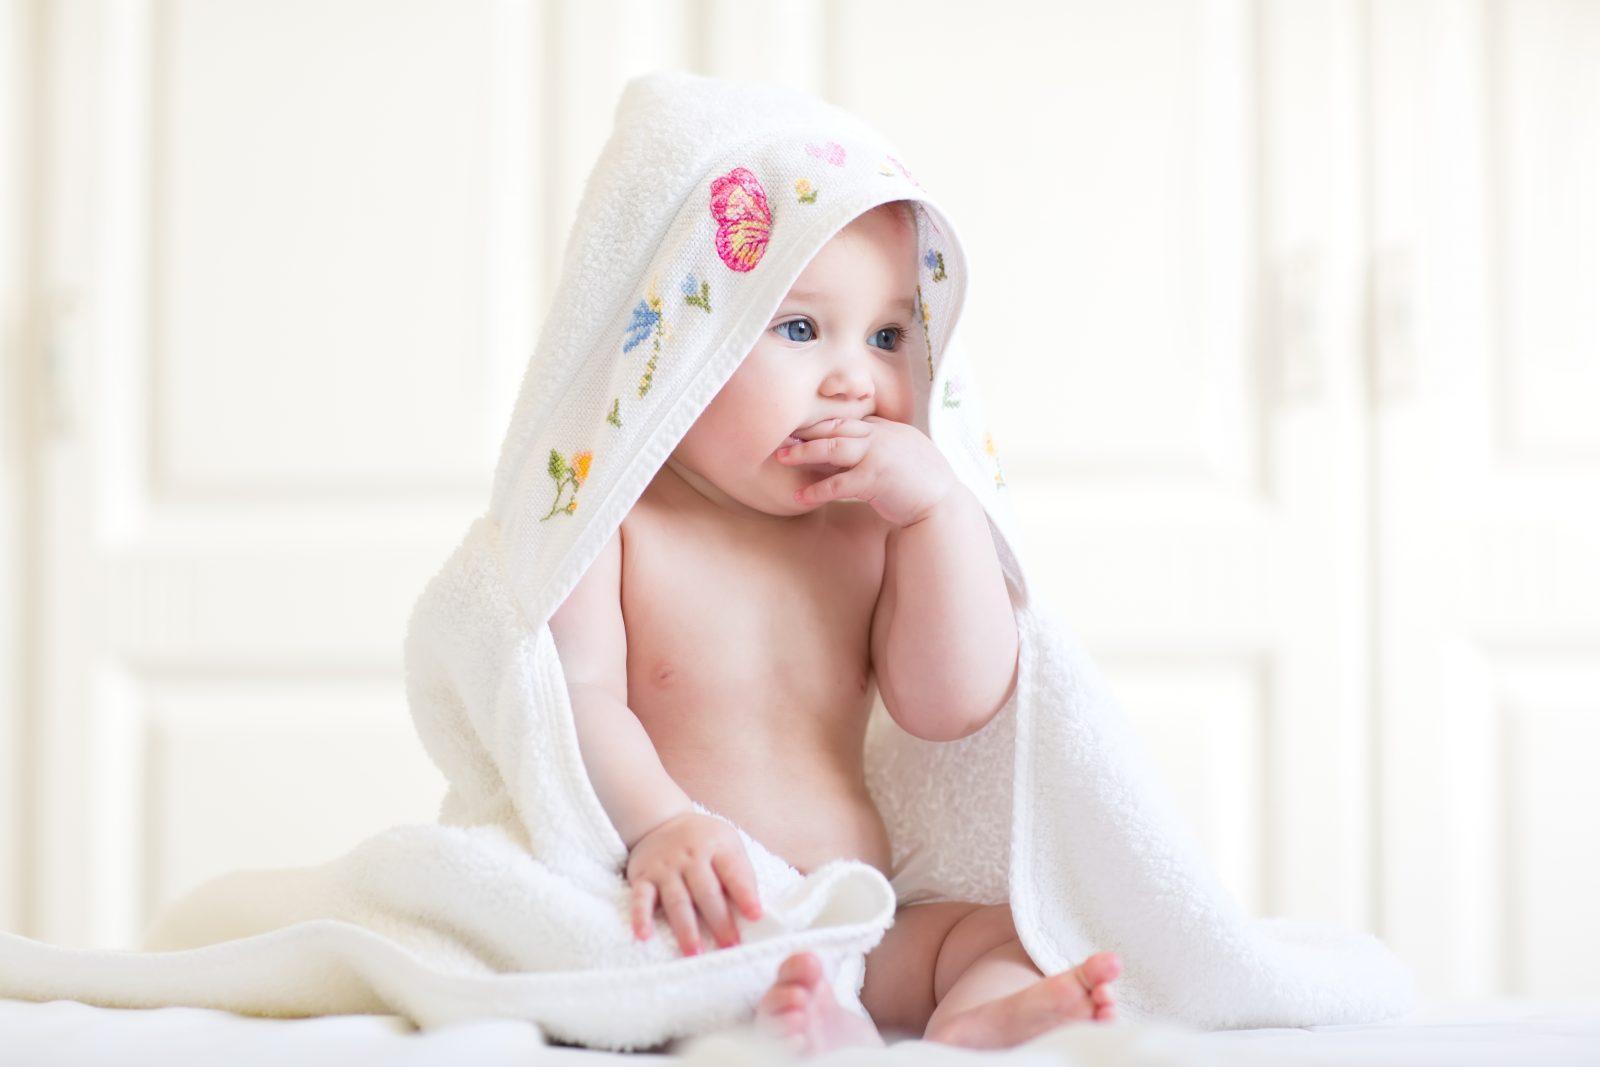 Baby-Erstausstattung: Was muss man alles kaufen?